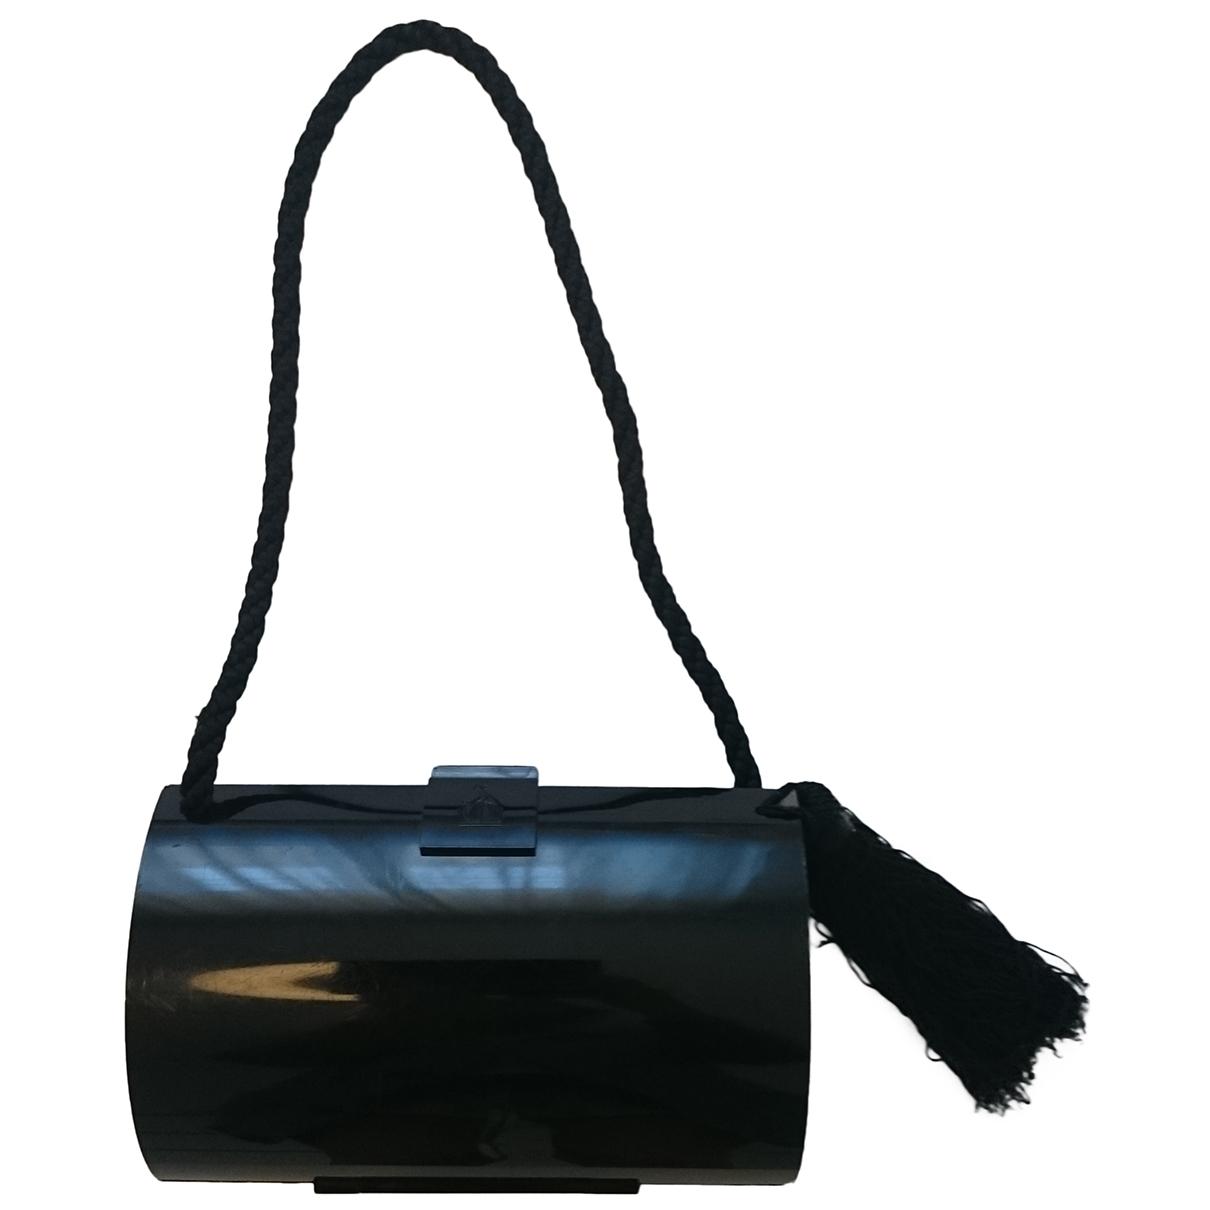 Bolsos clutch en Plastico Negro Lanvin